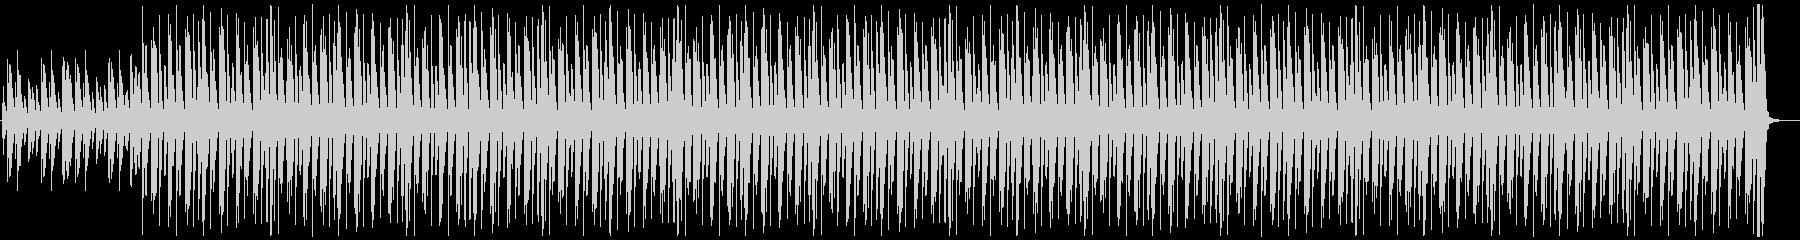 ミニマルでコミカルの未再生の波形